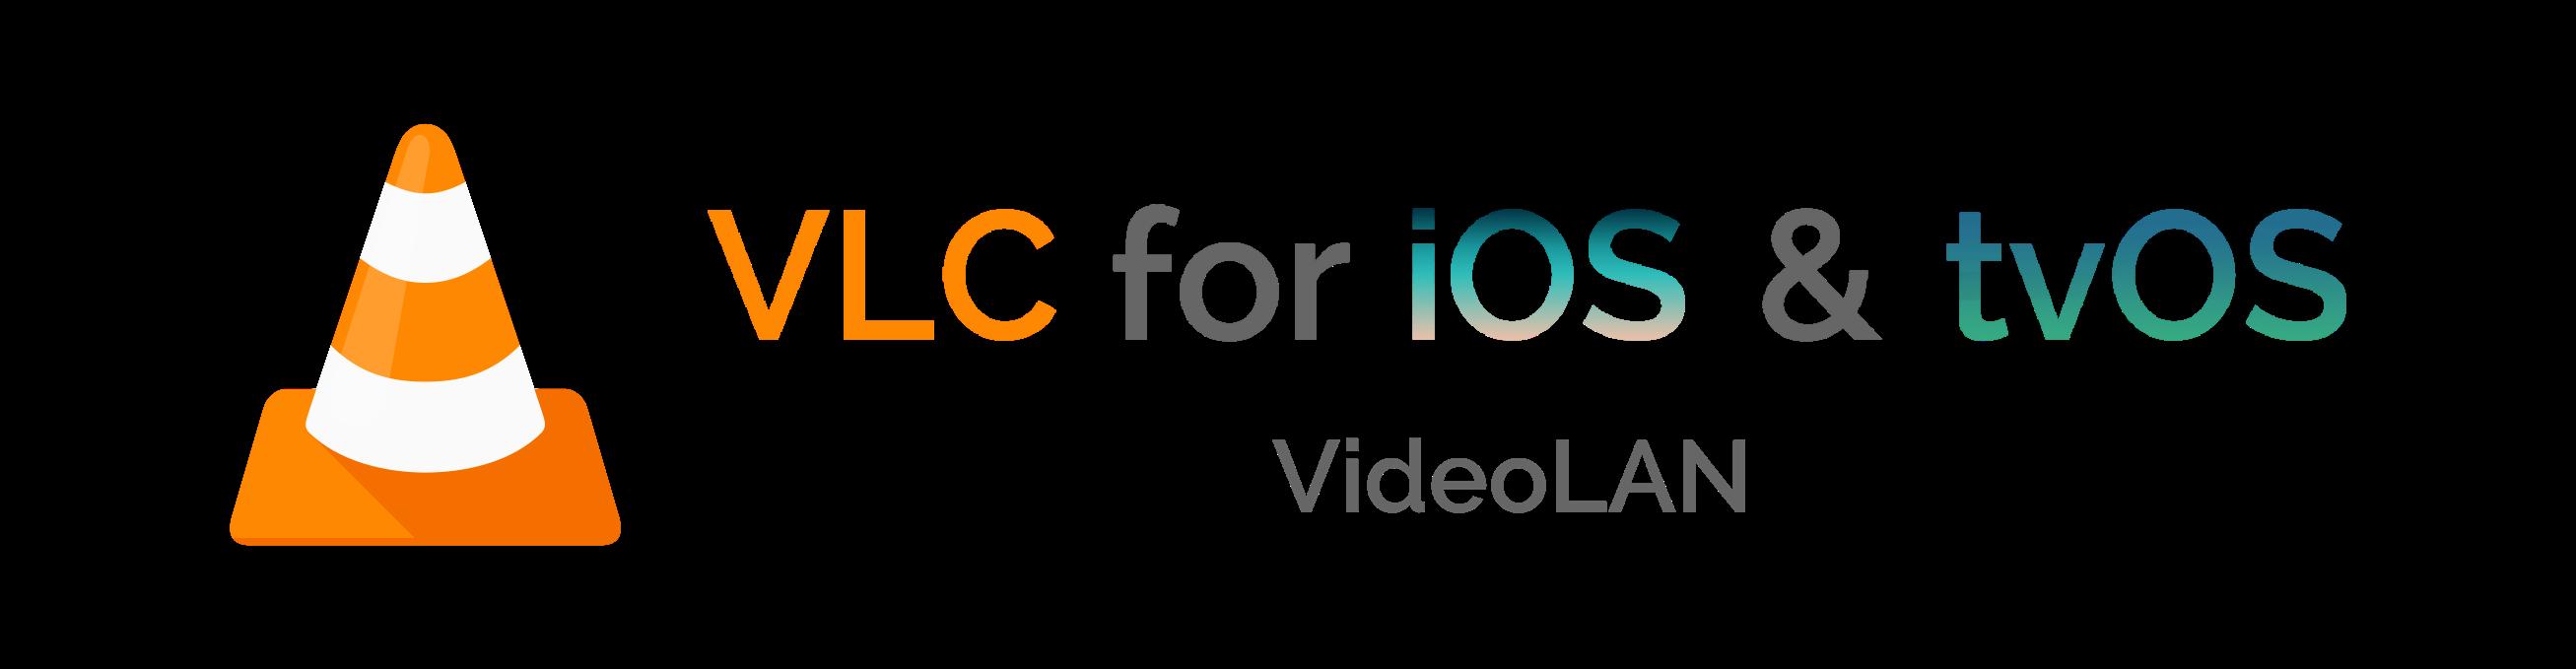 VLC-iOS banner